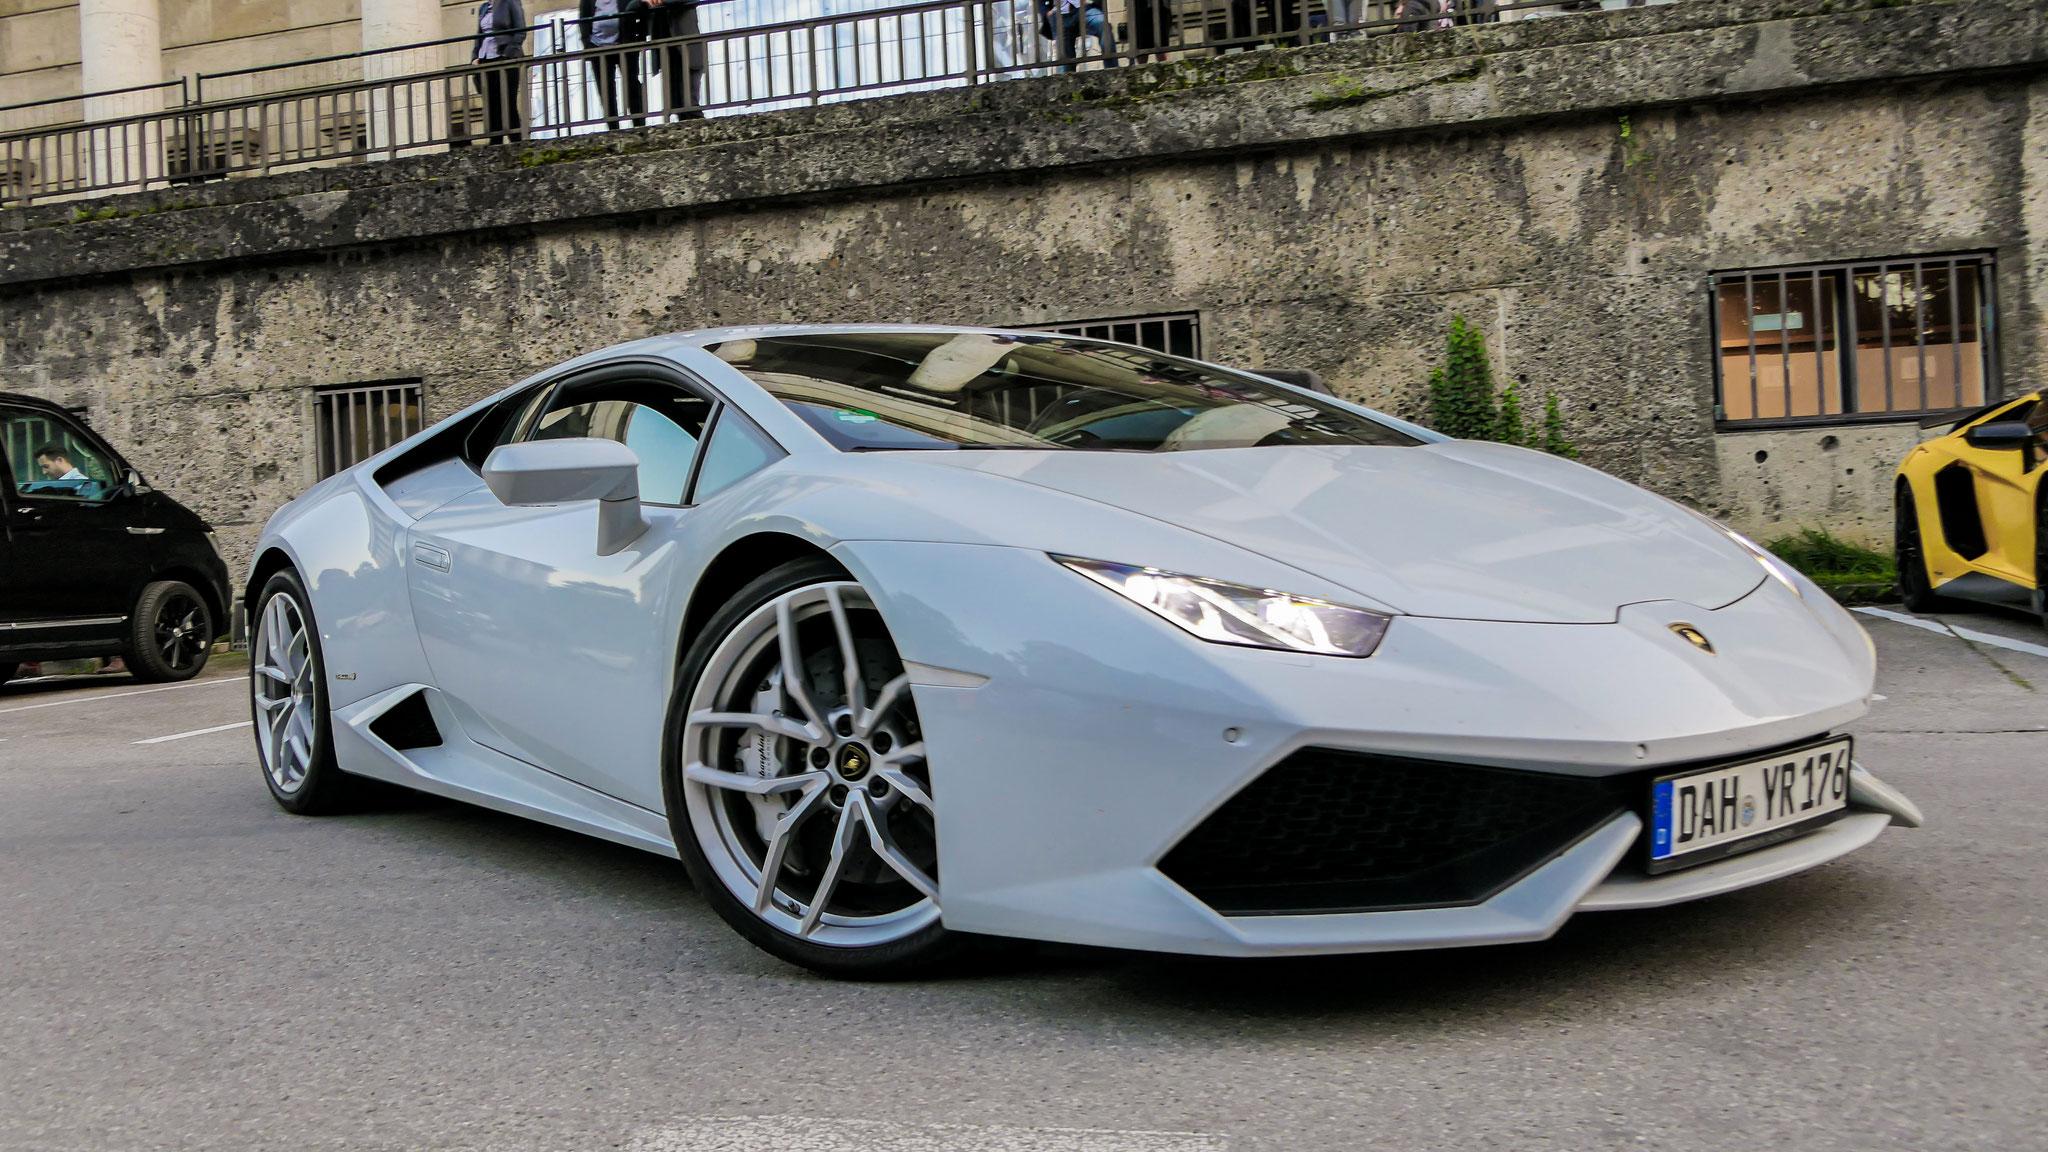 Lamborghini Huracan - DAH-YR-176